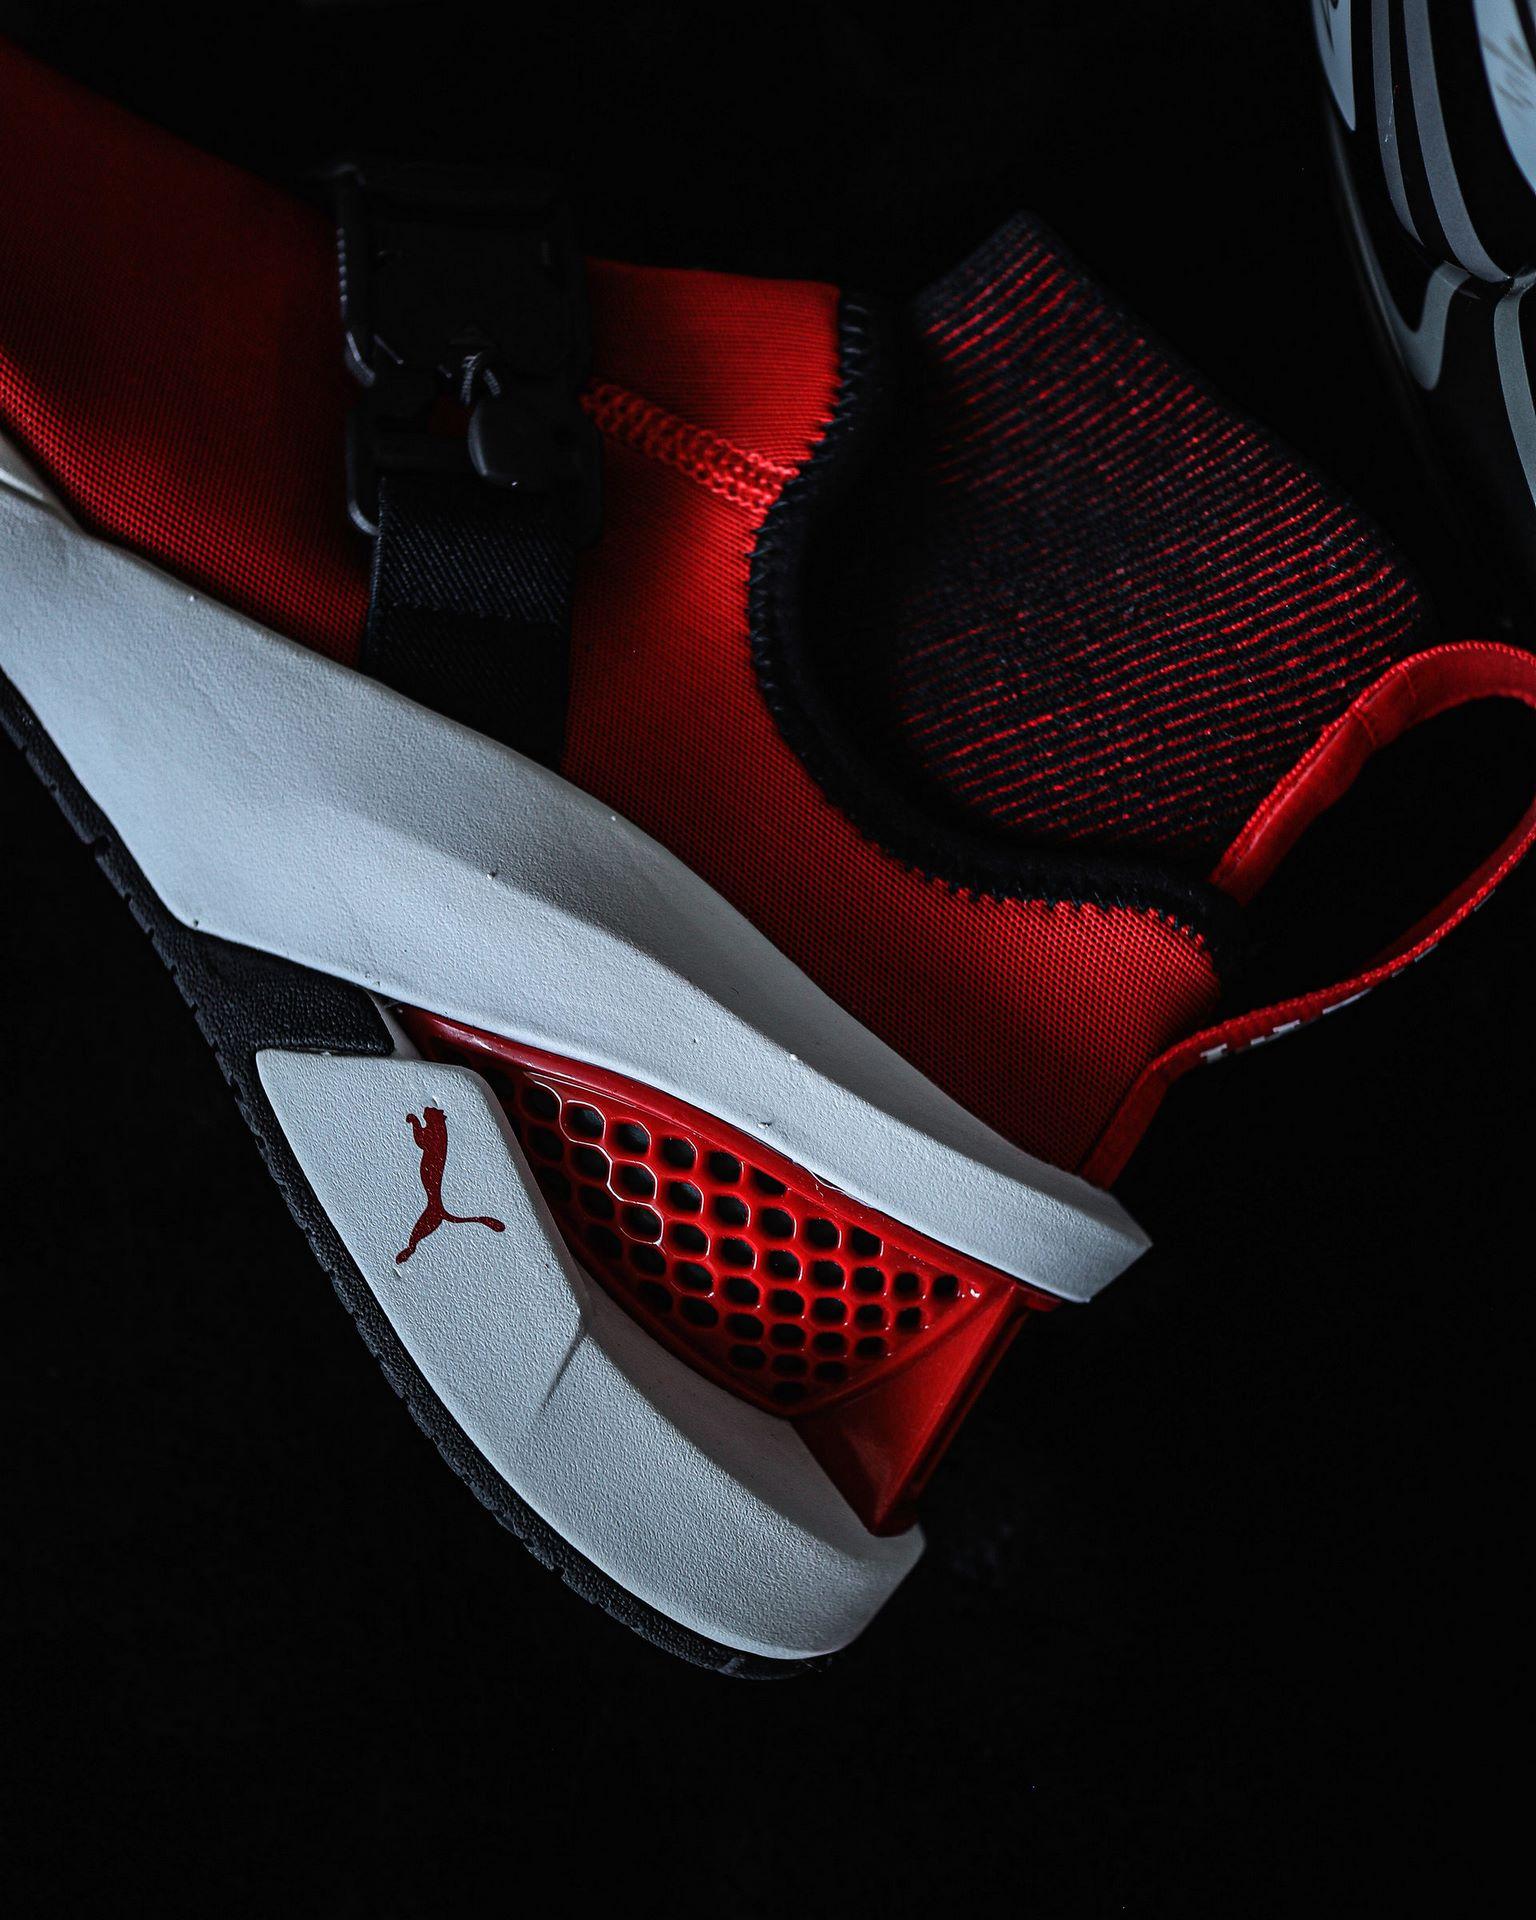 Puma-x-Ferrari-ION-F-Sneakers-5